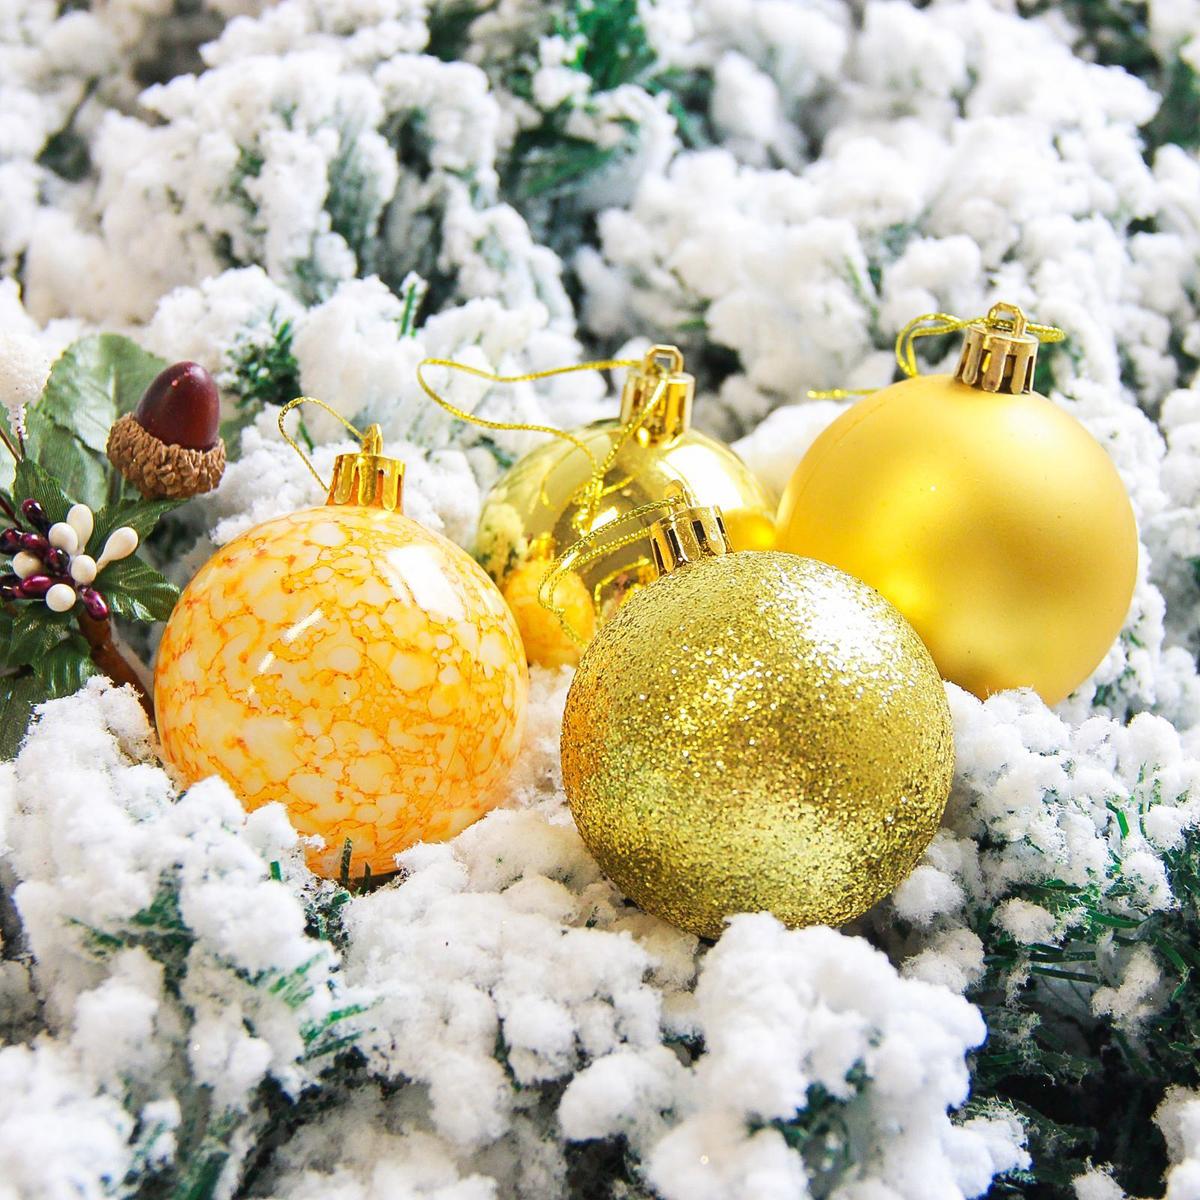 Набор новогодних подвесных украшений Sima-land Фрэско, цвет: золотистый, диаметр 6 см, 16 шт2178243Невозможно представить нашу жизнь без праздников! Мы всегда ждём их и предвкушаем, обдумываем, как проведём памятный день, тщательно выбираем подарки и аксессуары, ведь именно они создают и поддерживают торжественный настрой.